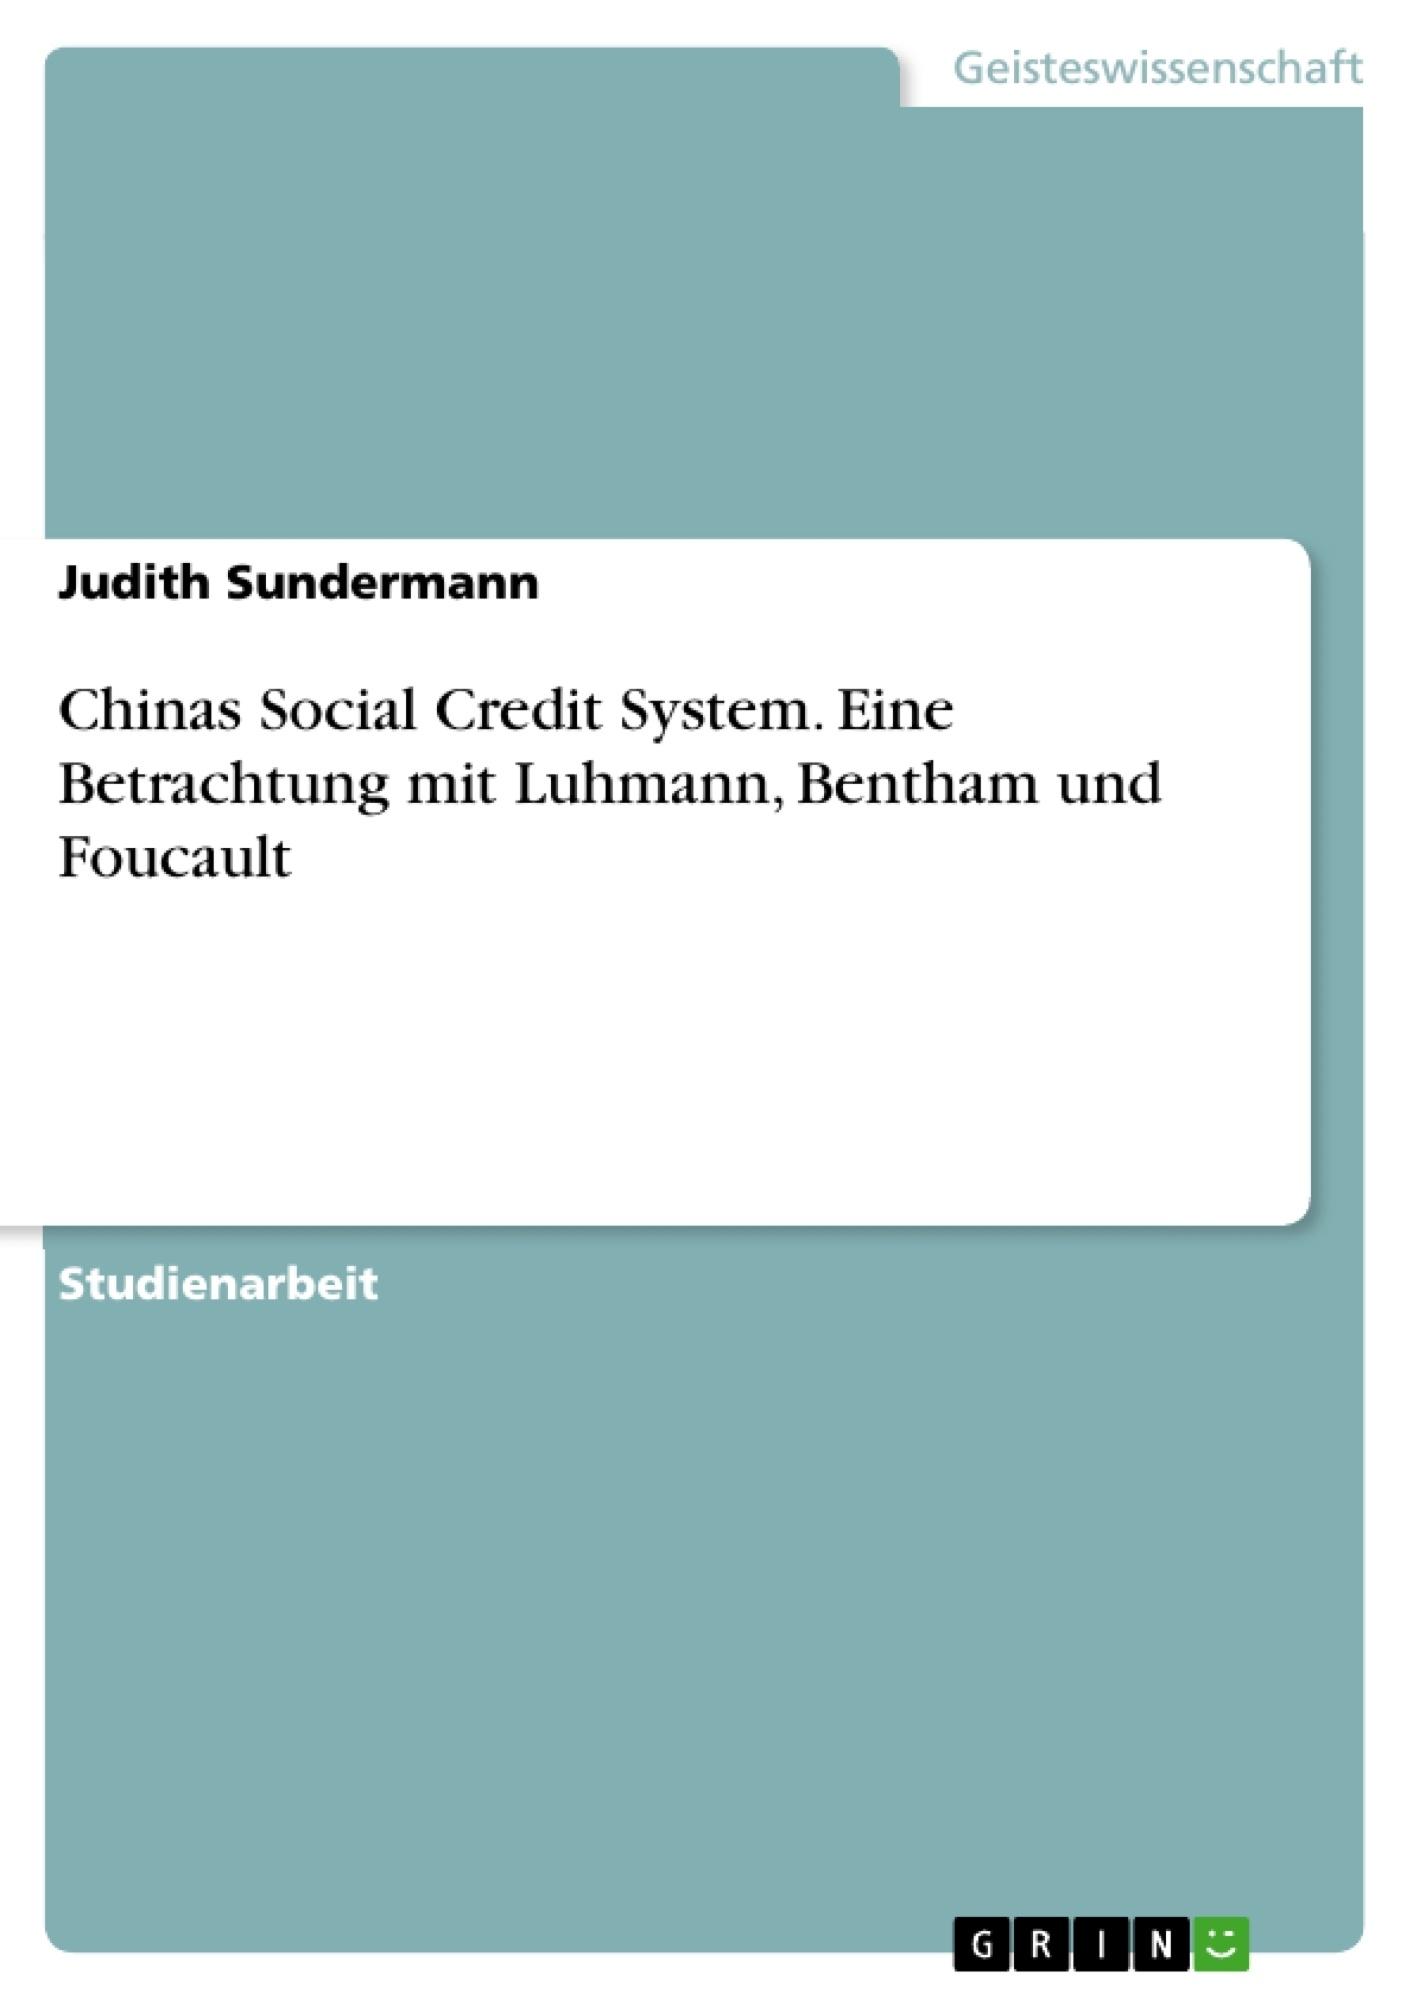 Titel: Chinas Social Credit System. Eine Betrachtung mit Luhmann, Bentham und Foucault